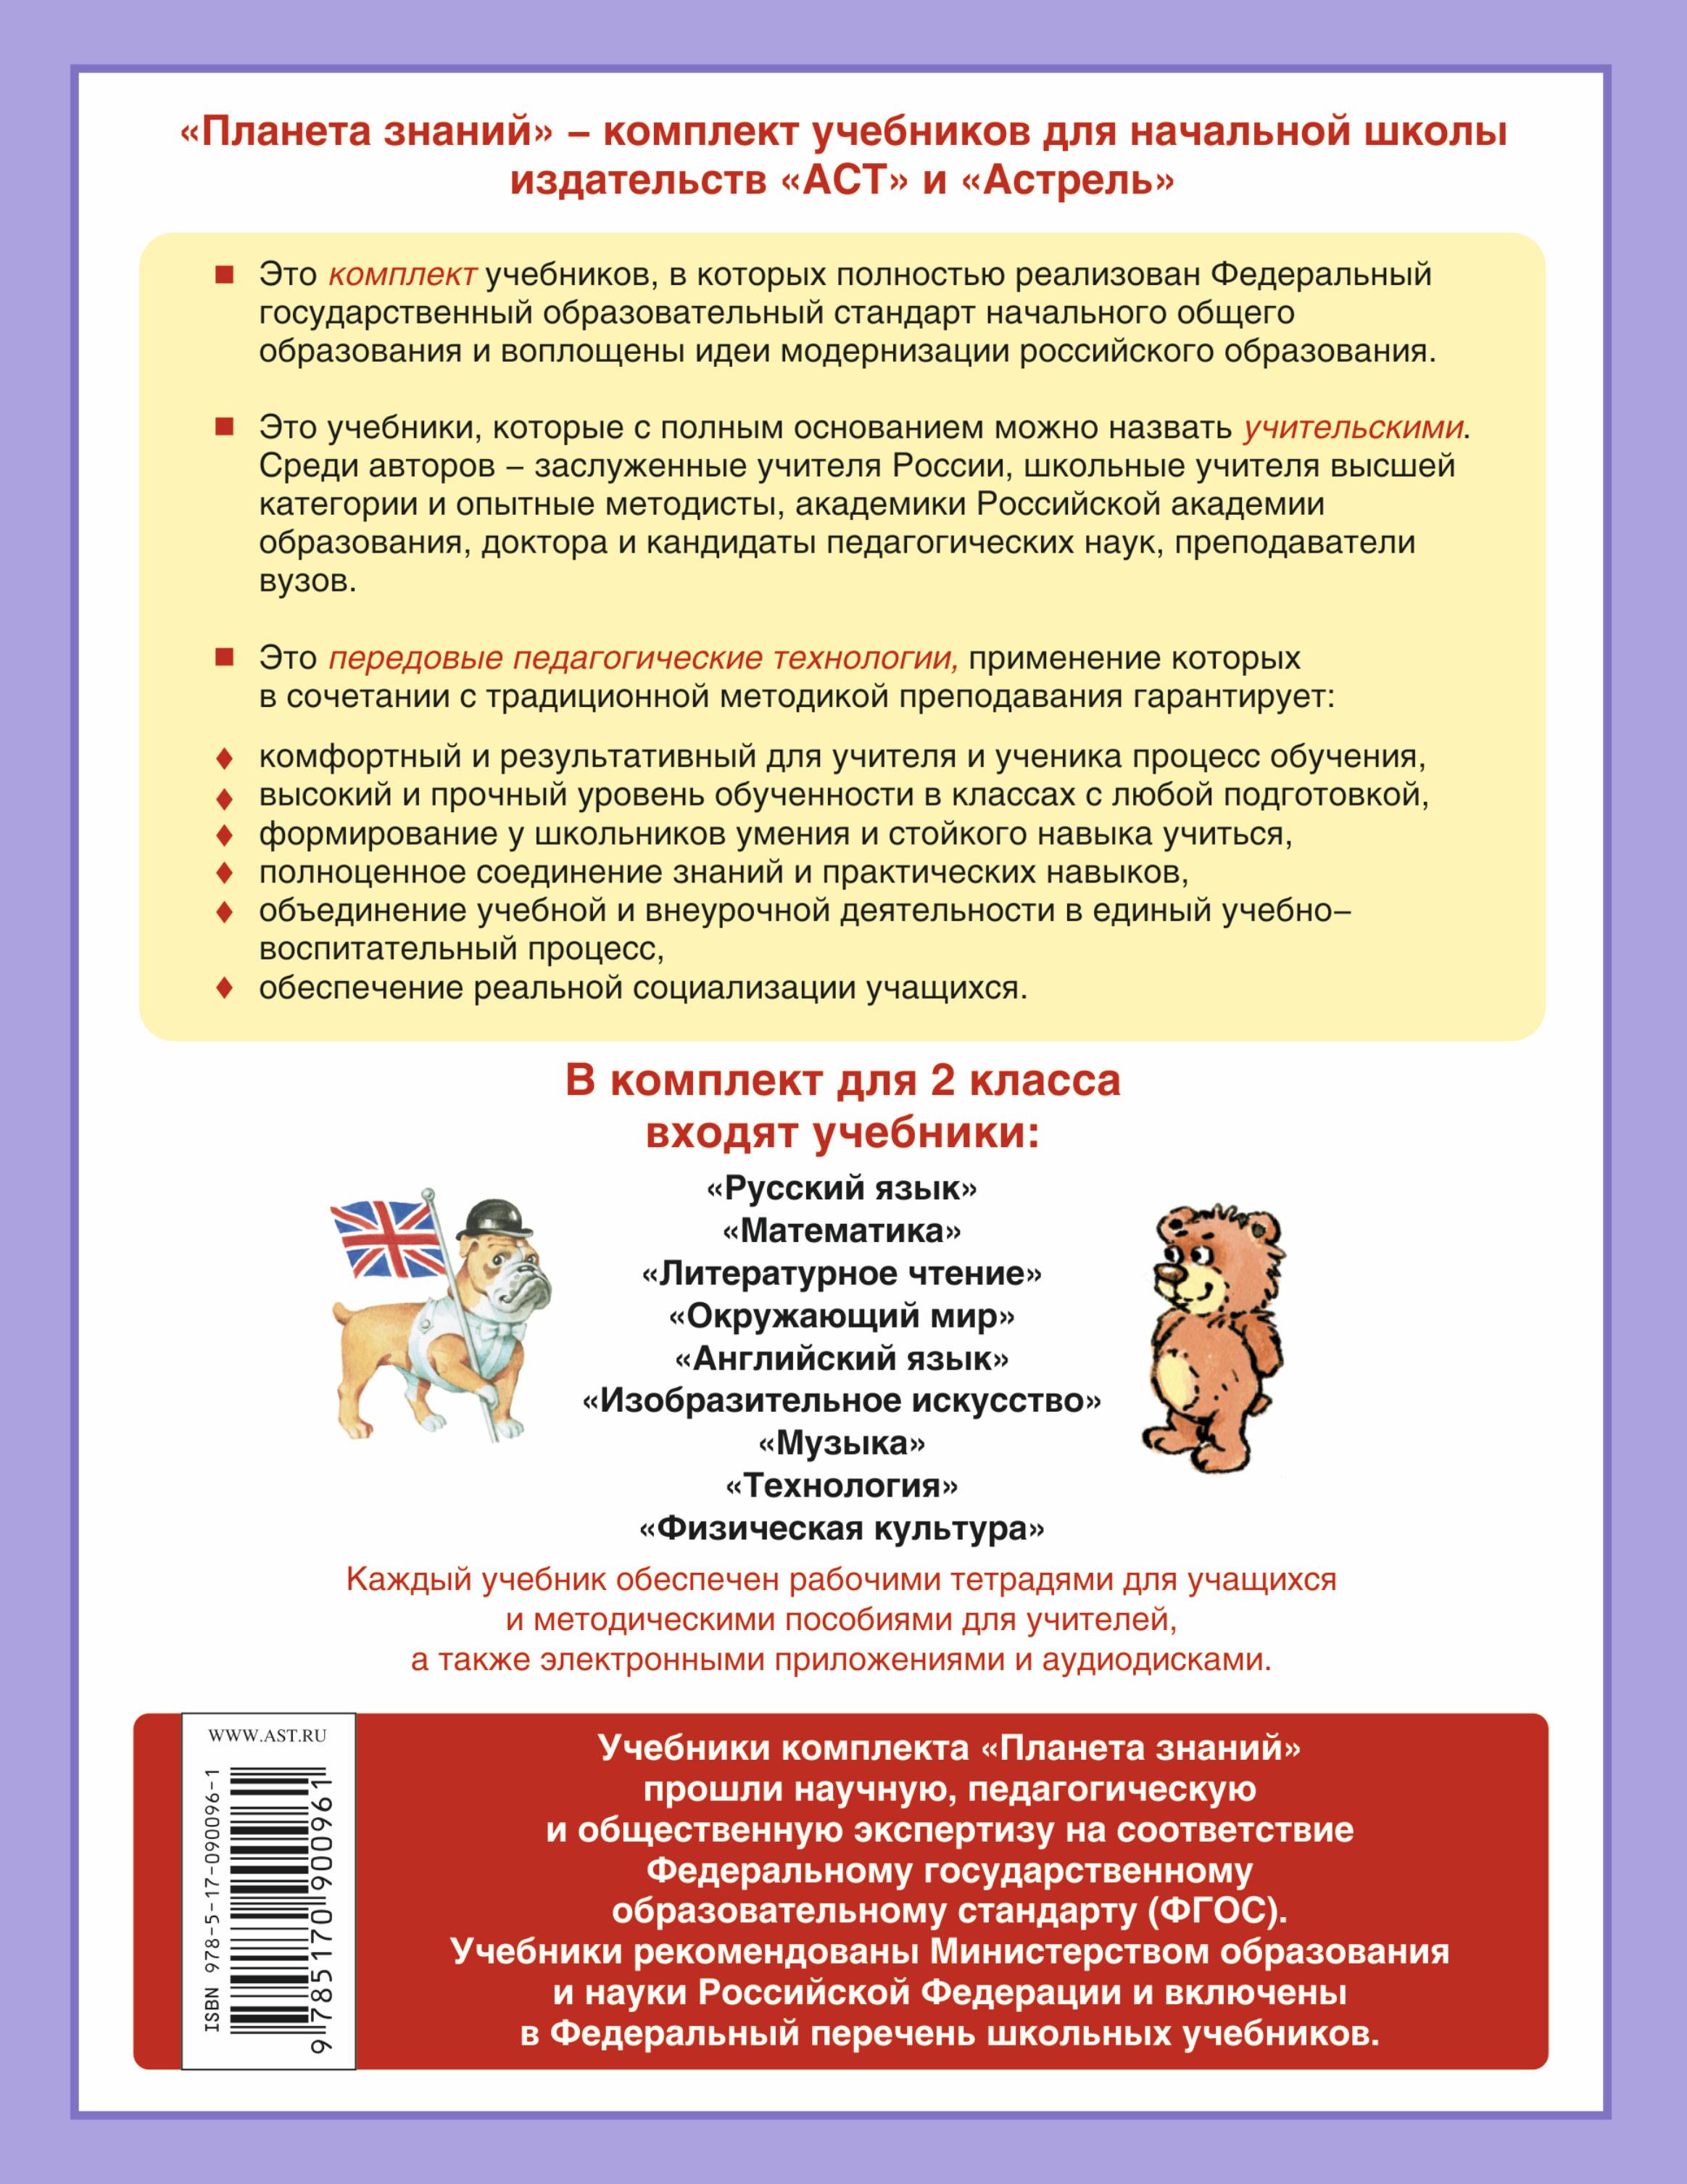 Английский язык. 2 класс. Контрольные и диагностические работы